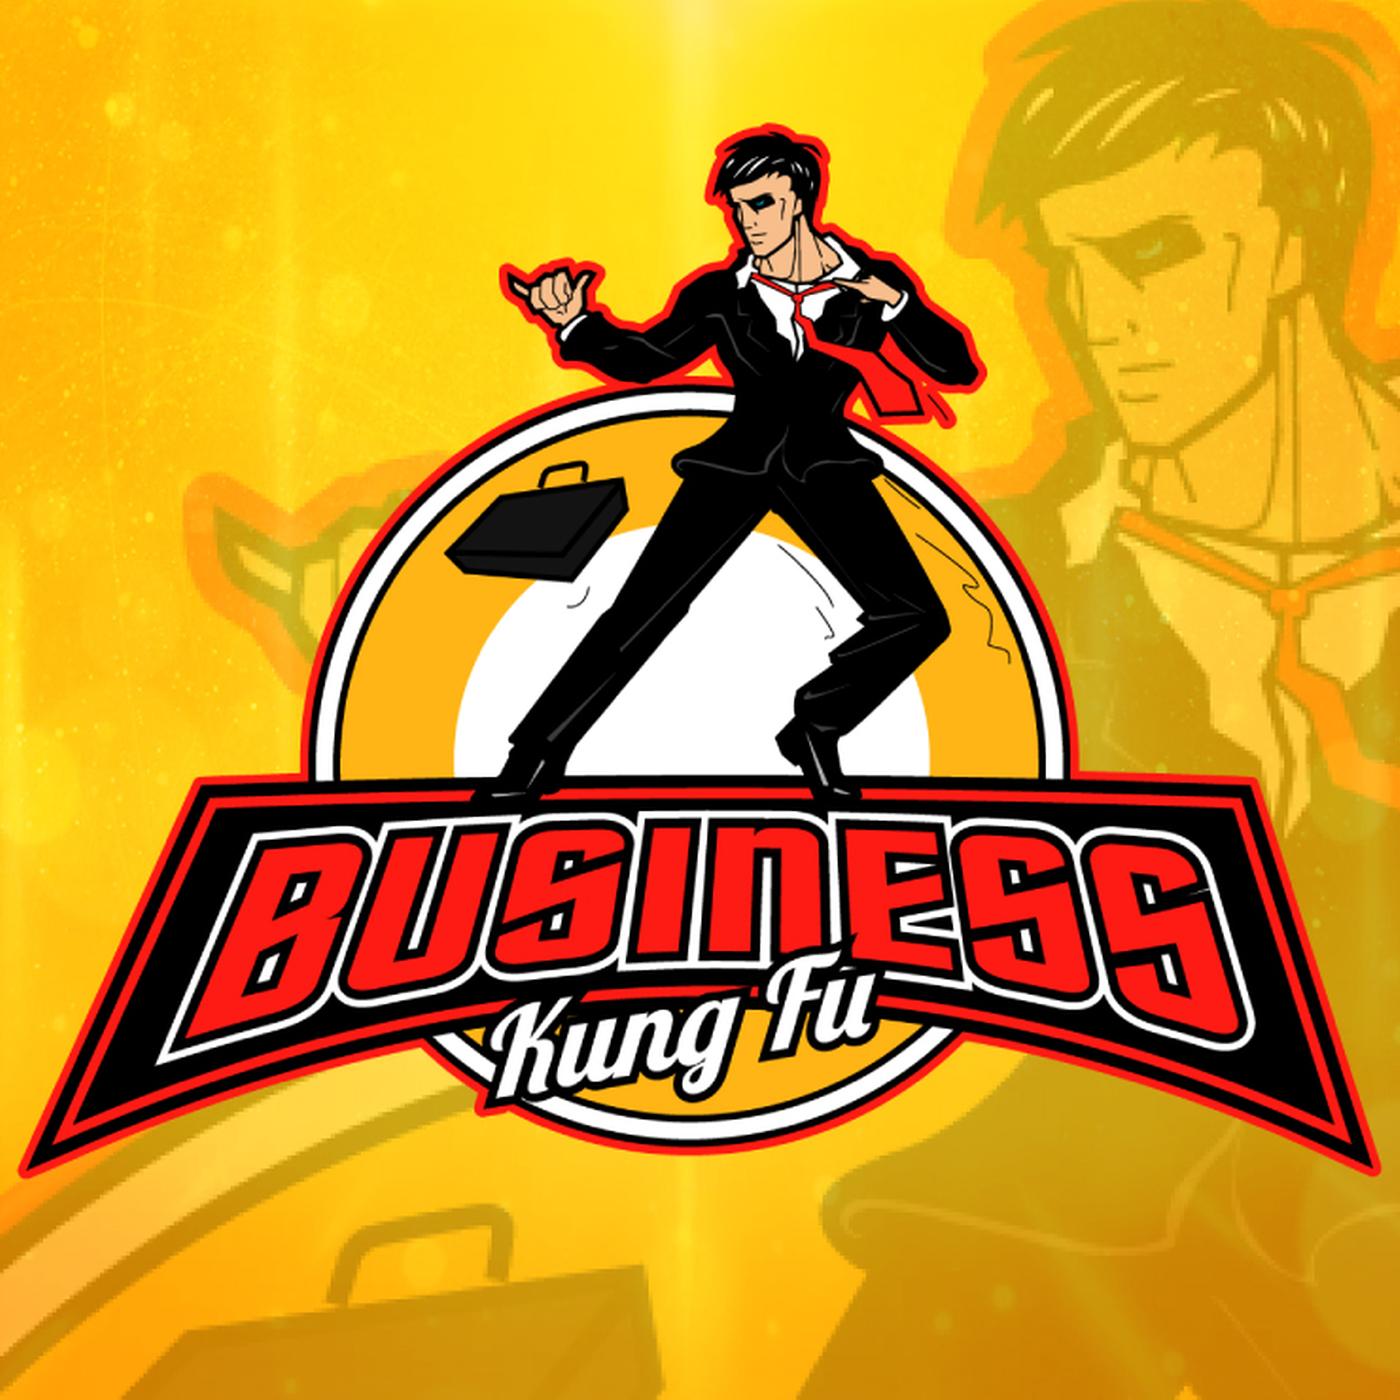 Business KungFu - Der Online Unternehmer Erfolgspodcast mit Marco Siebert show art